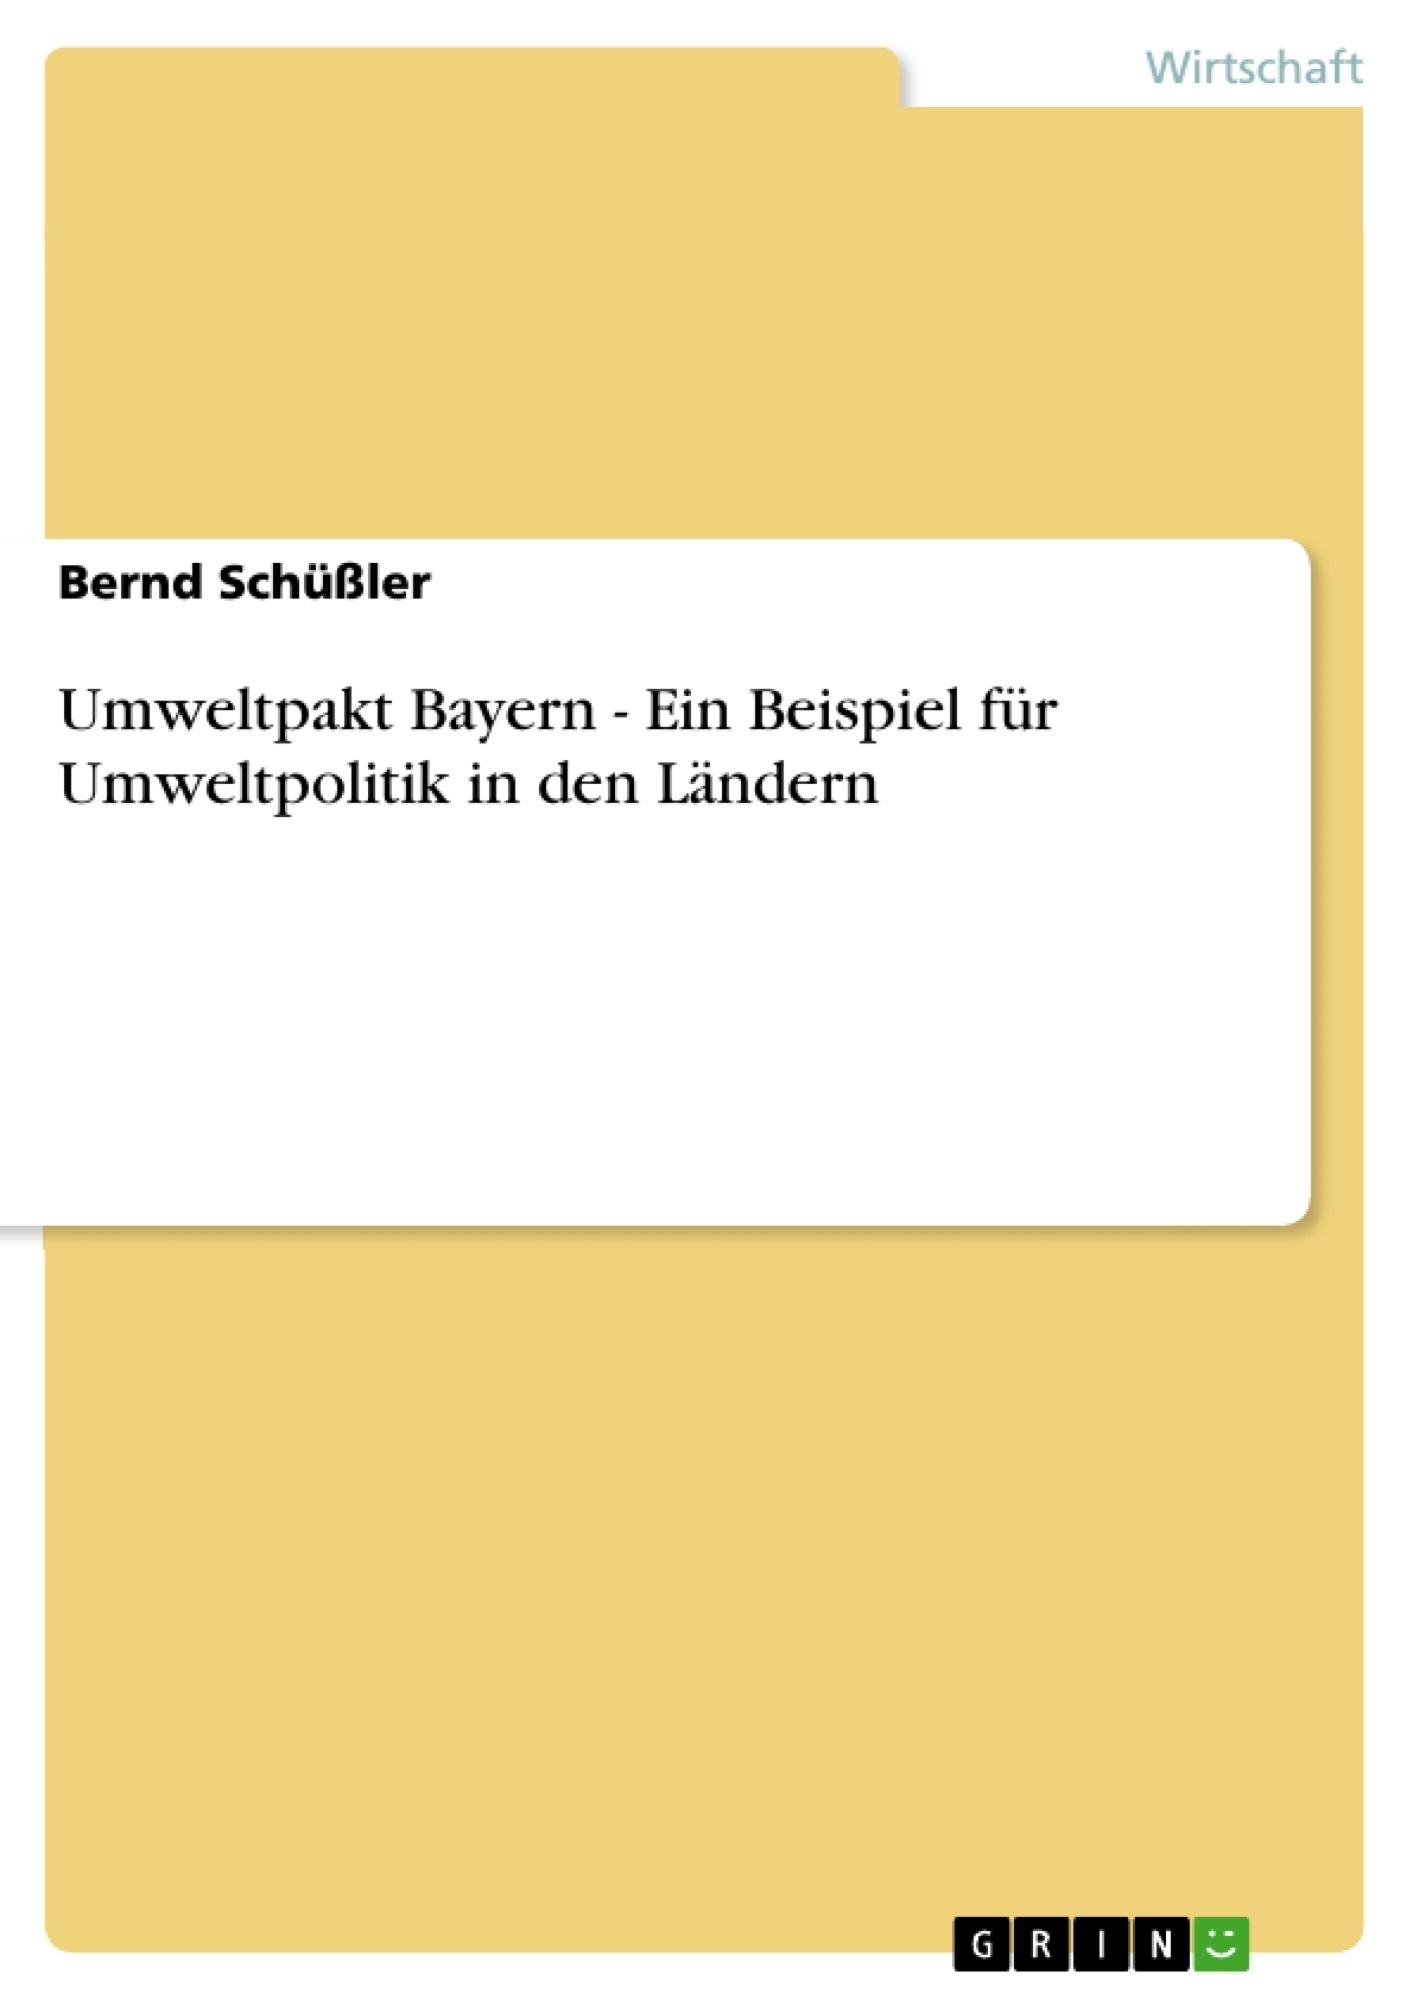 Titel: Umweltpakt Bayern - Ein Beispiel für Umweltpolitik in den Ländern